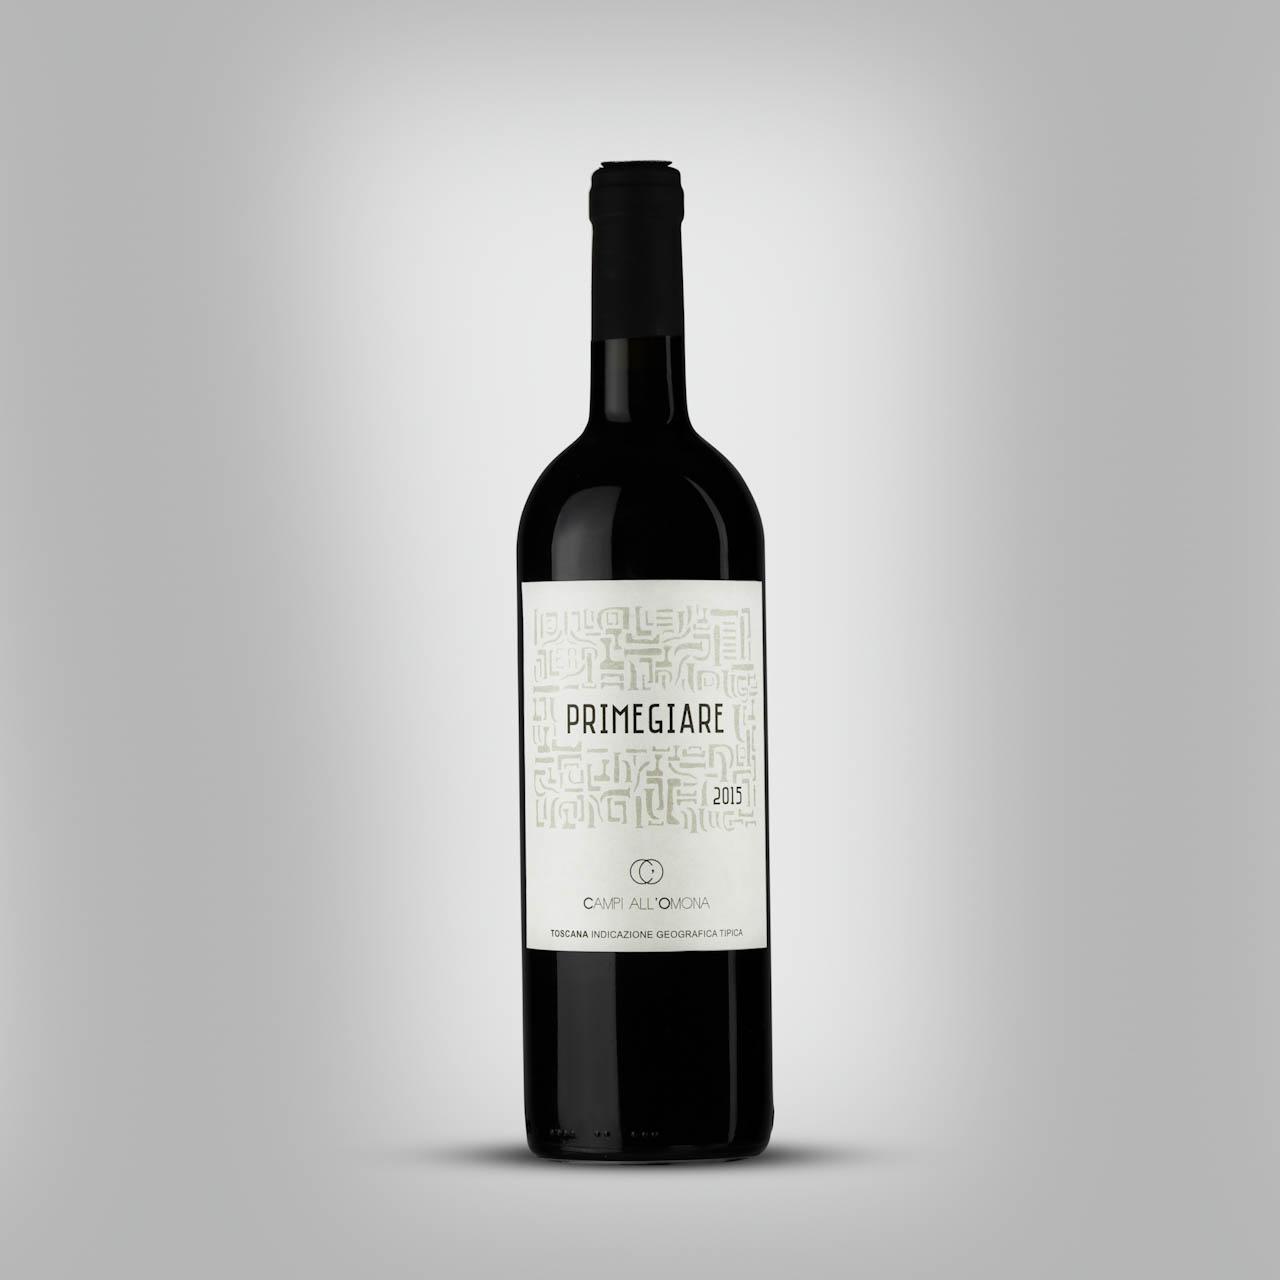 Vino Primegiare IGT Toscana Rosso Sangiovese in purezza affinato in giare di terracotta Azienda Agricola Campi All'Omona Potassa Gavorrano